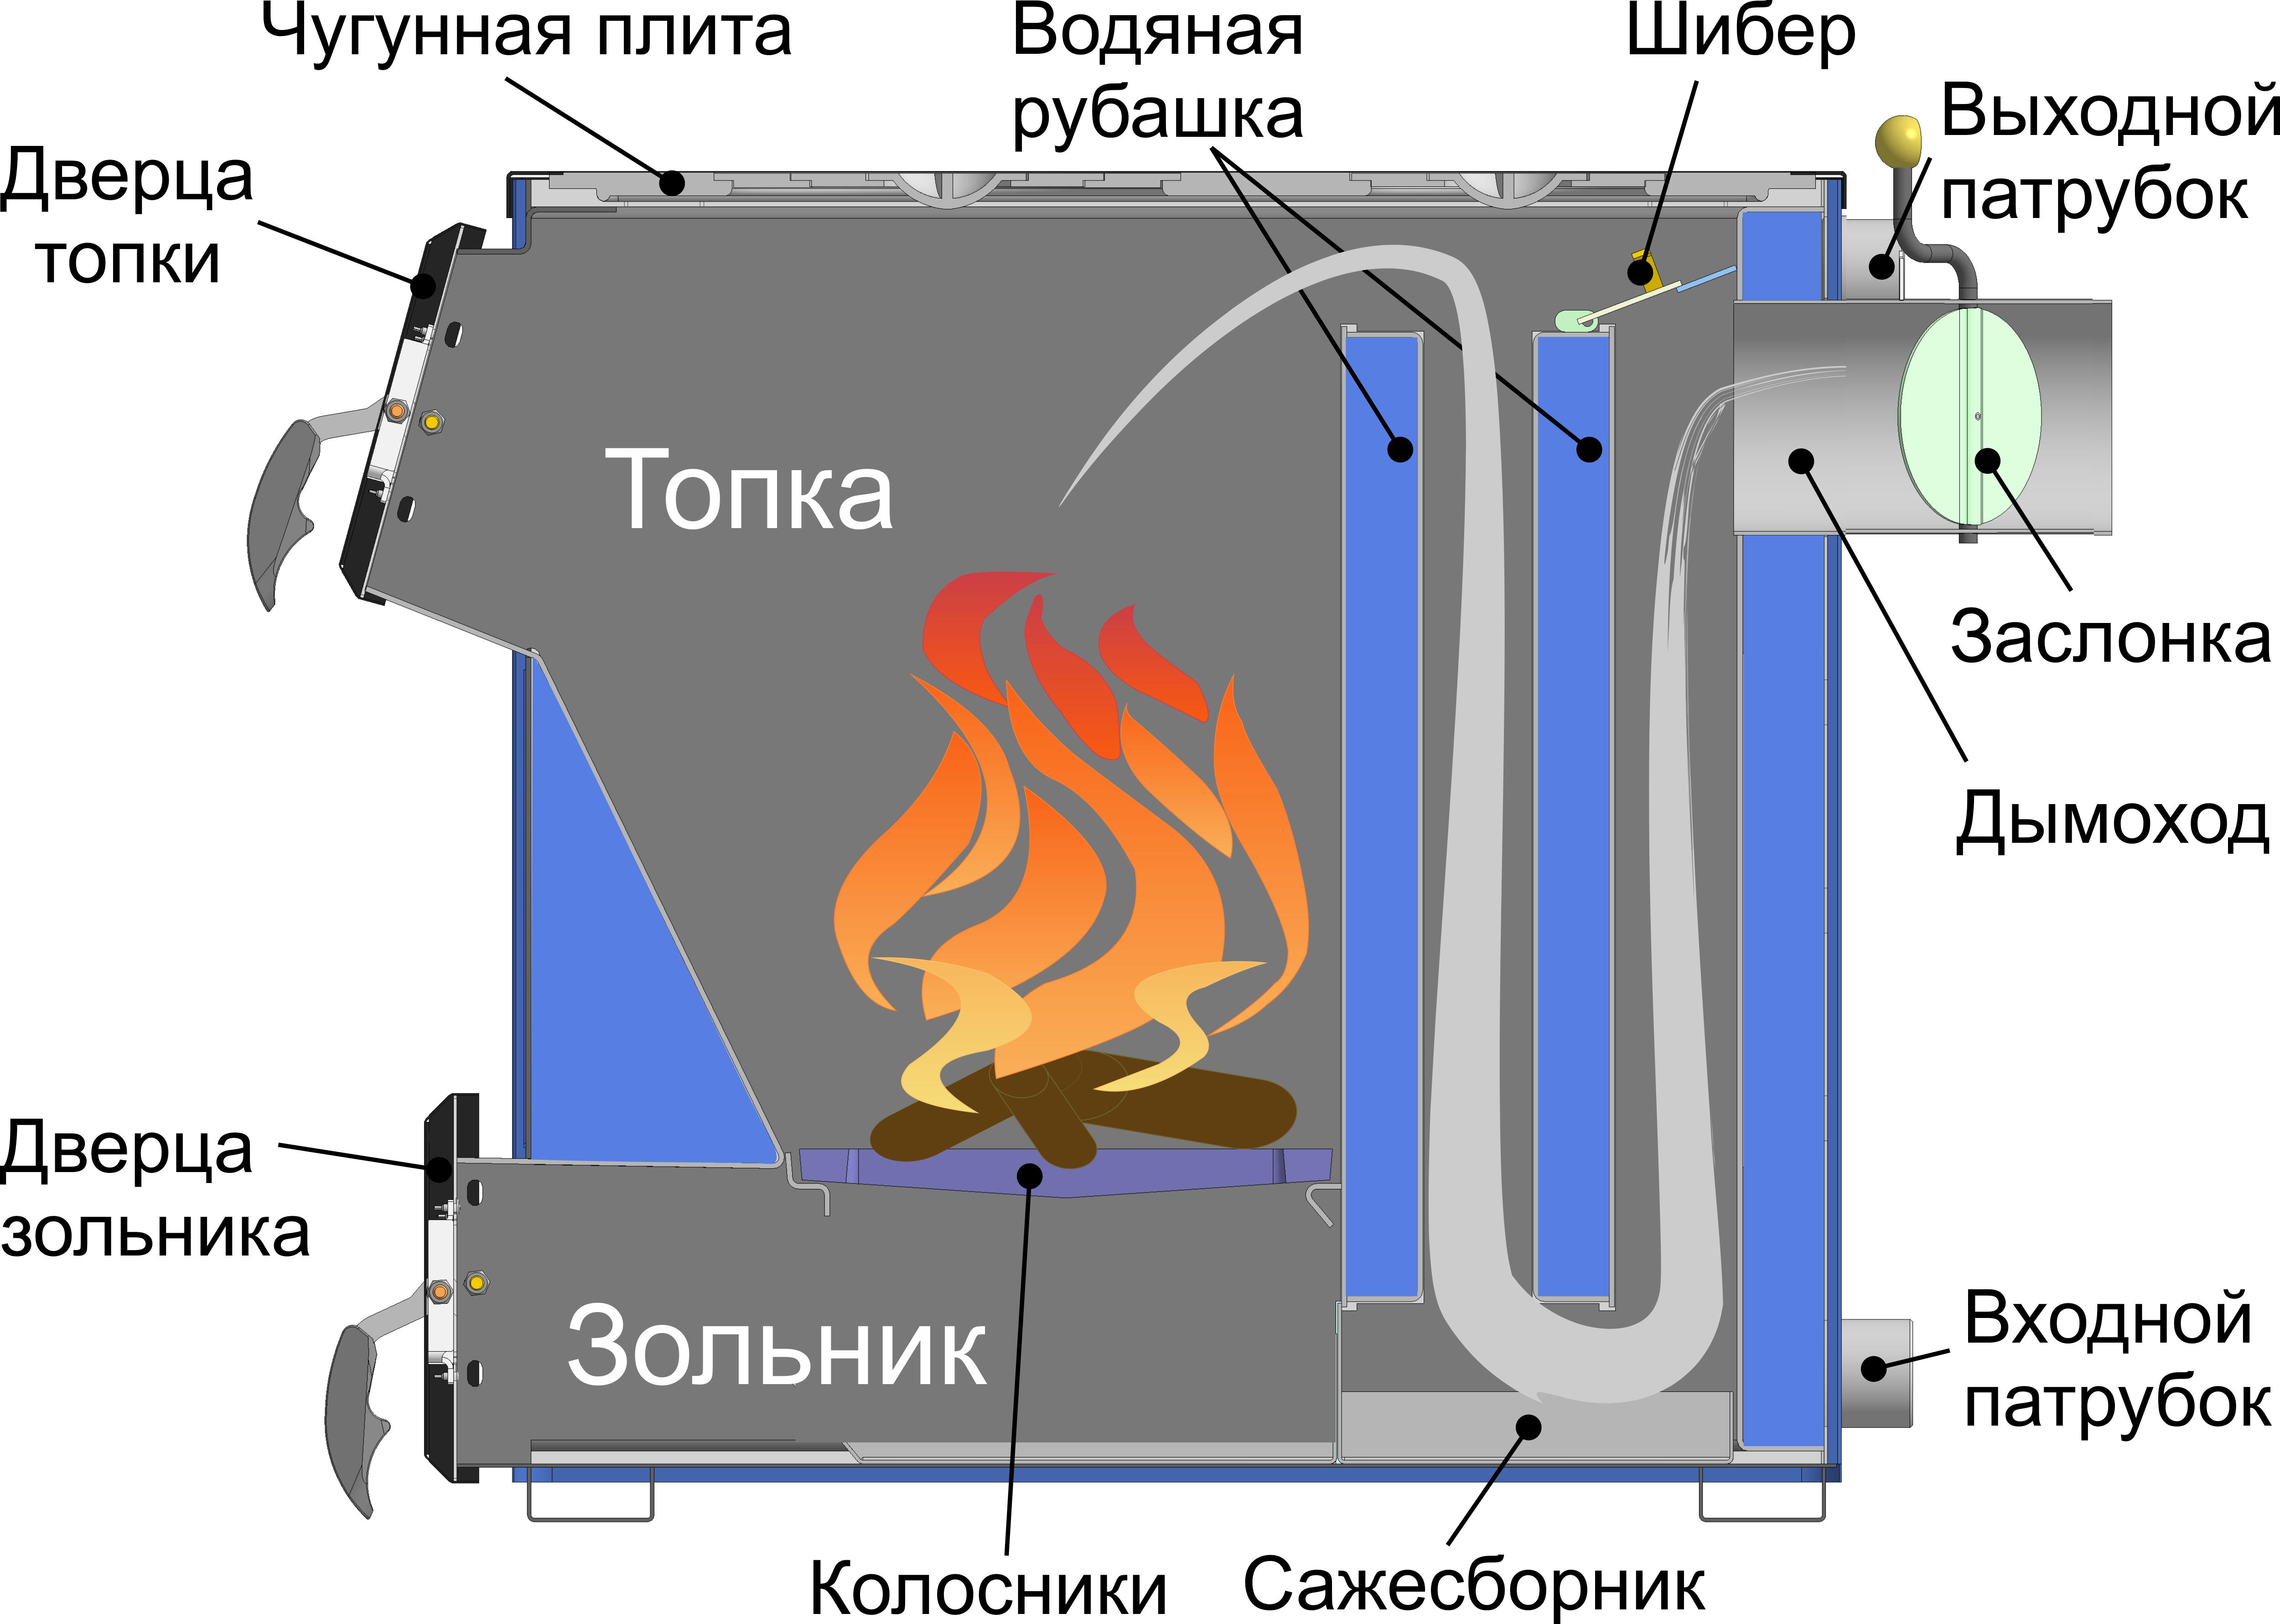 Su ısıtması için kazan. Su ısıtıcısı veya odun ateşlemeli kazan